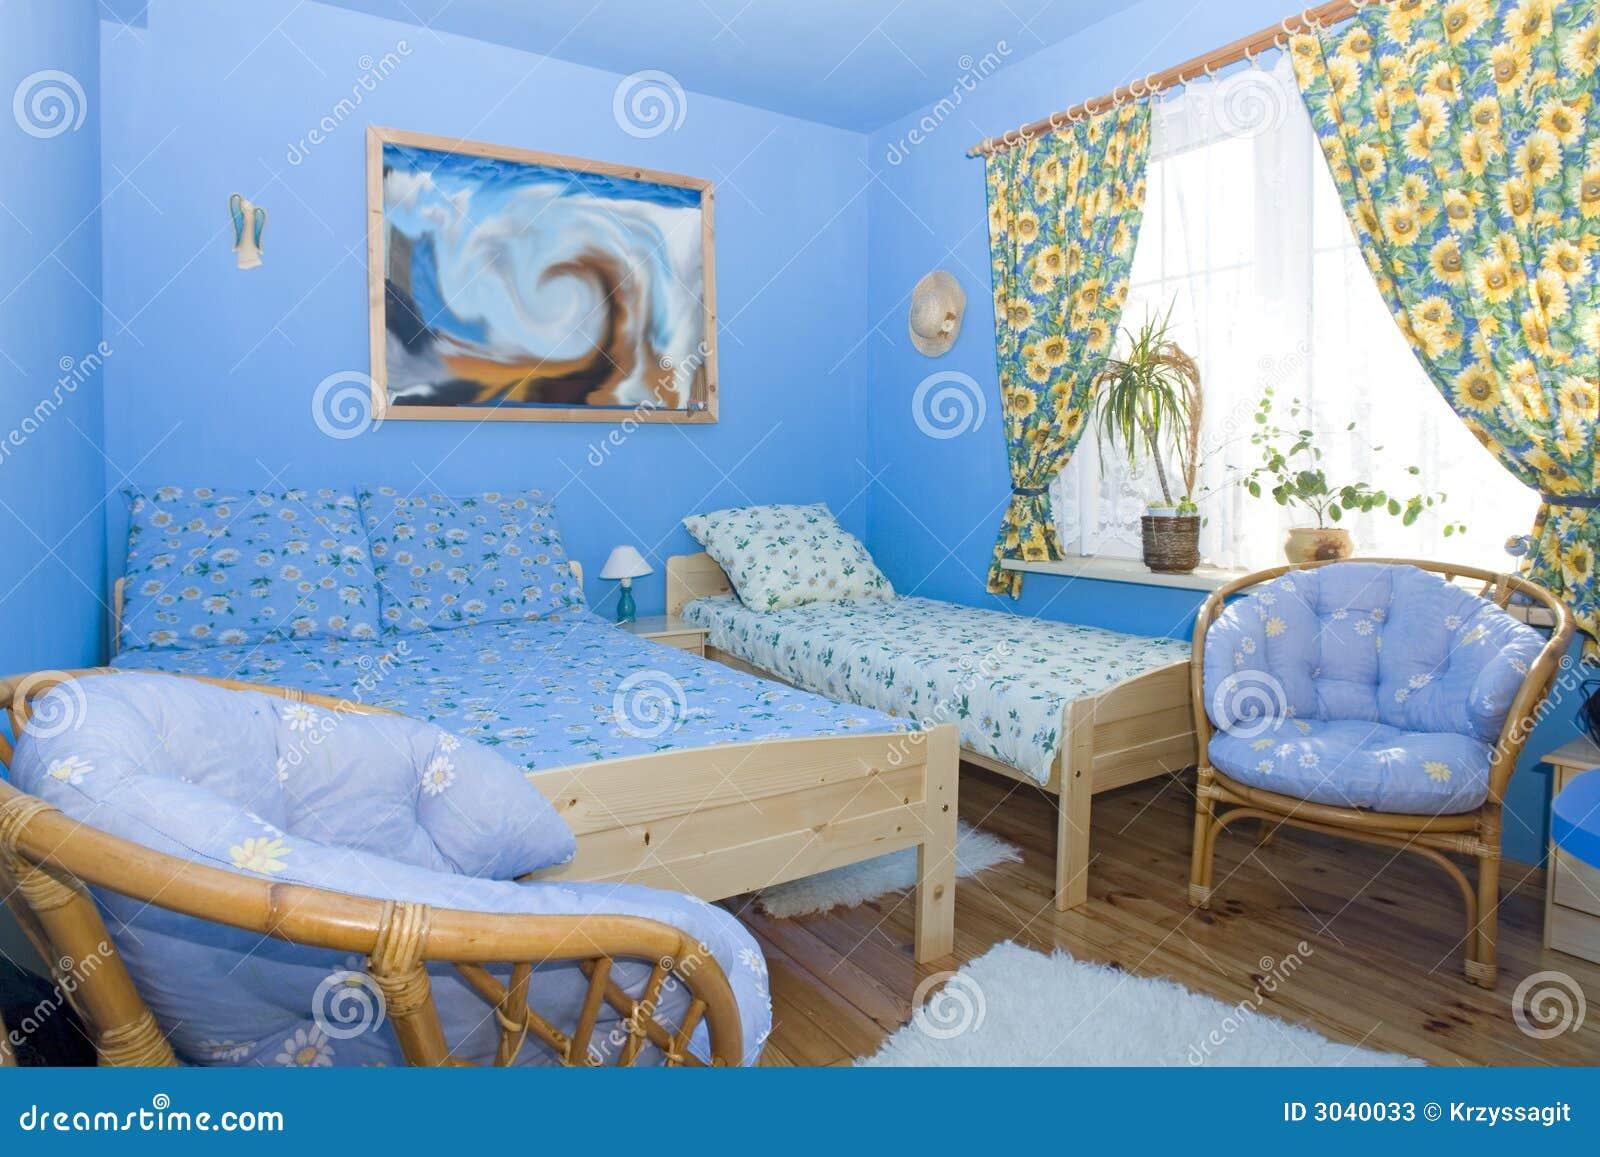 Farbe koordiniertes blaues schlafzimmer stockfotos bild 3040033 - Blaues schlafzimmer ...